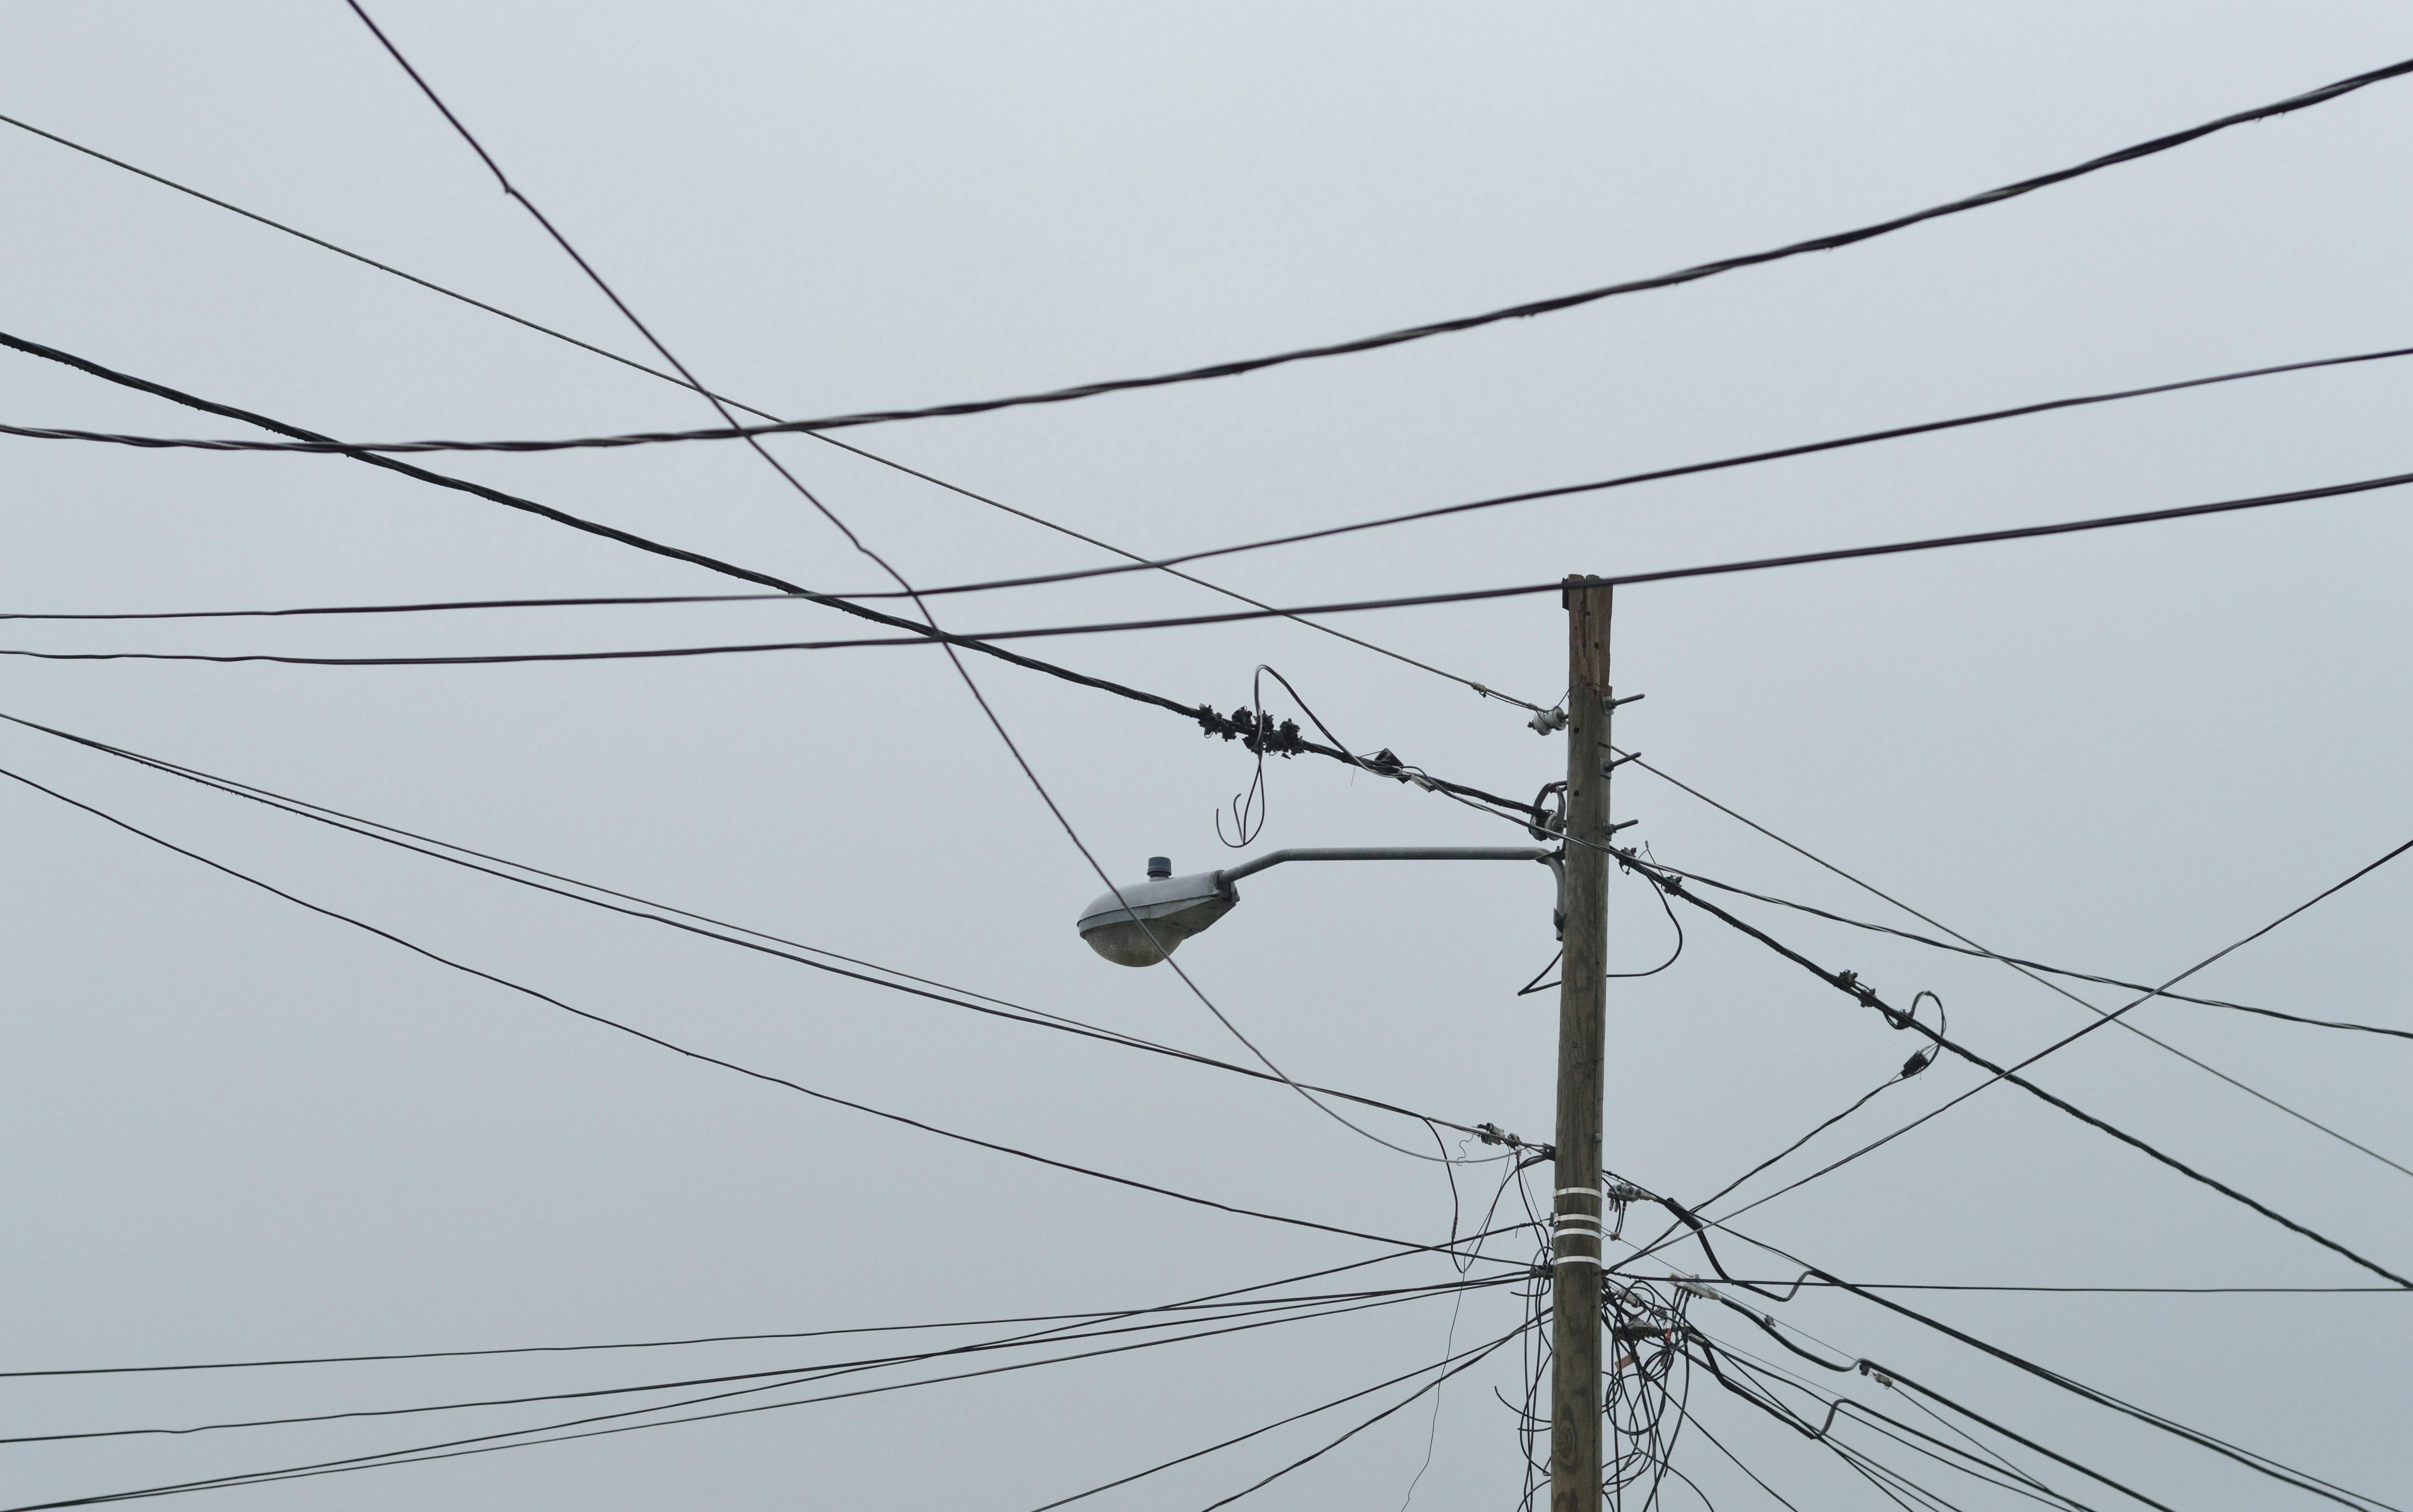 500+ Beautiful Electricity Poles Photos · Pexels · Free Stock Photos